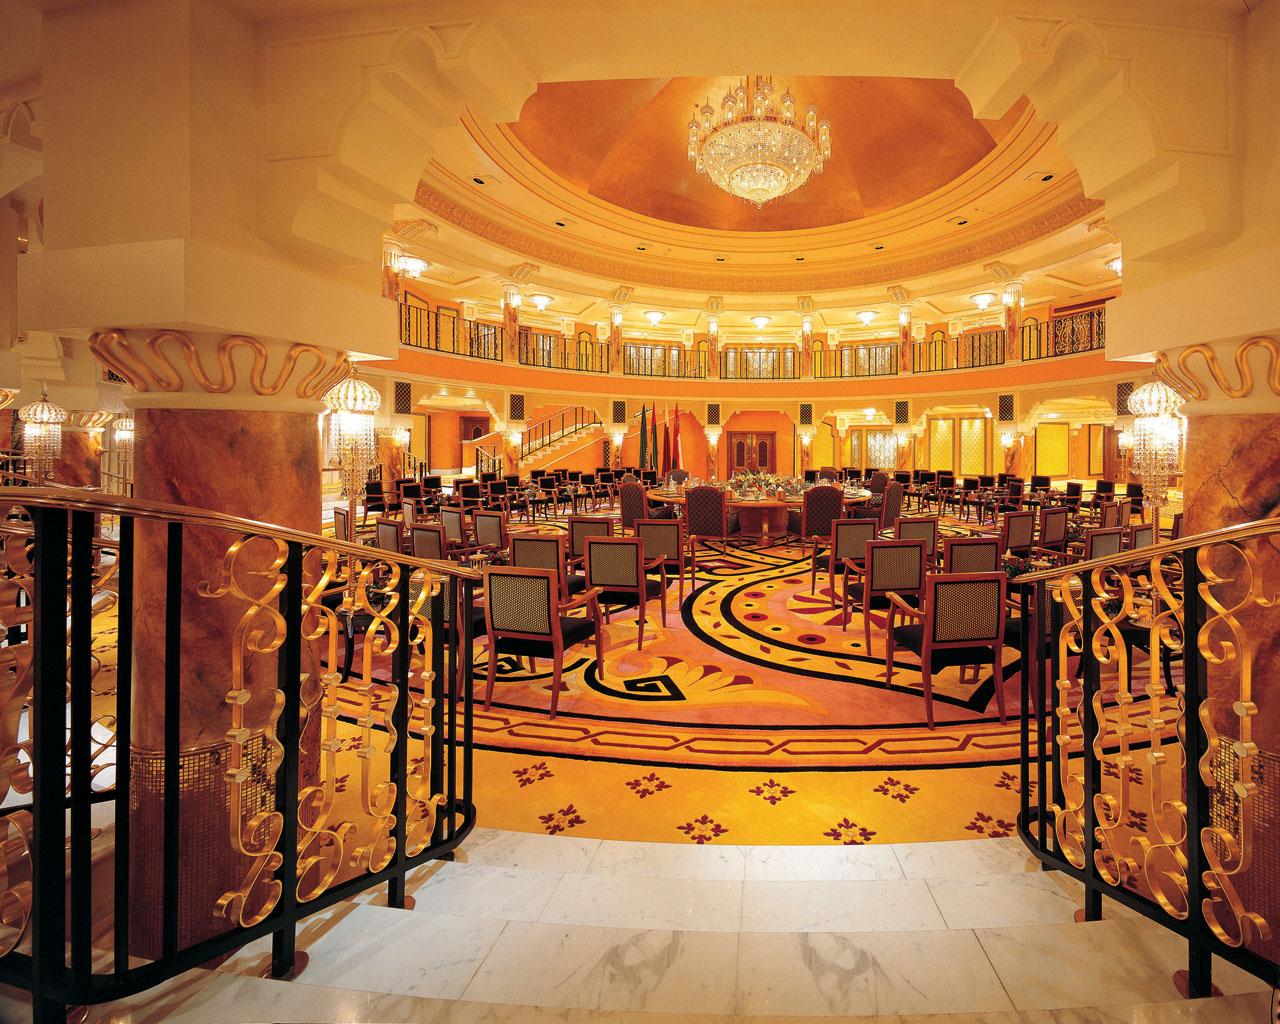 Burj al arab l 39 albergo a 7 stelle icona di dubai nel mondo for Design hotel speicher 7